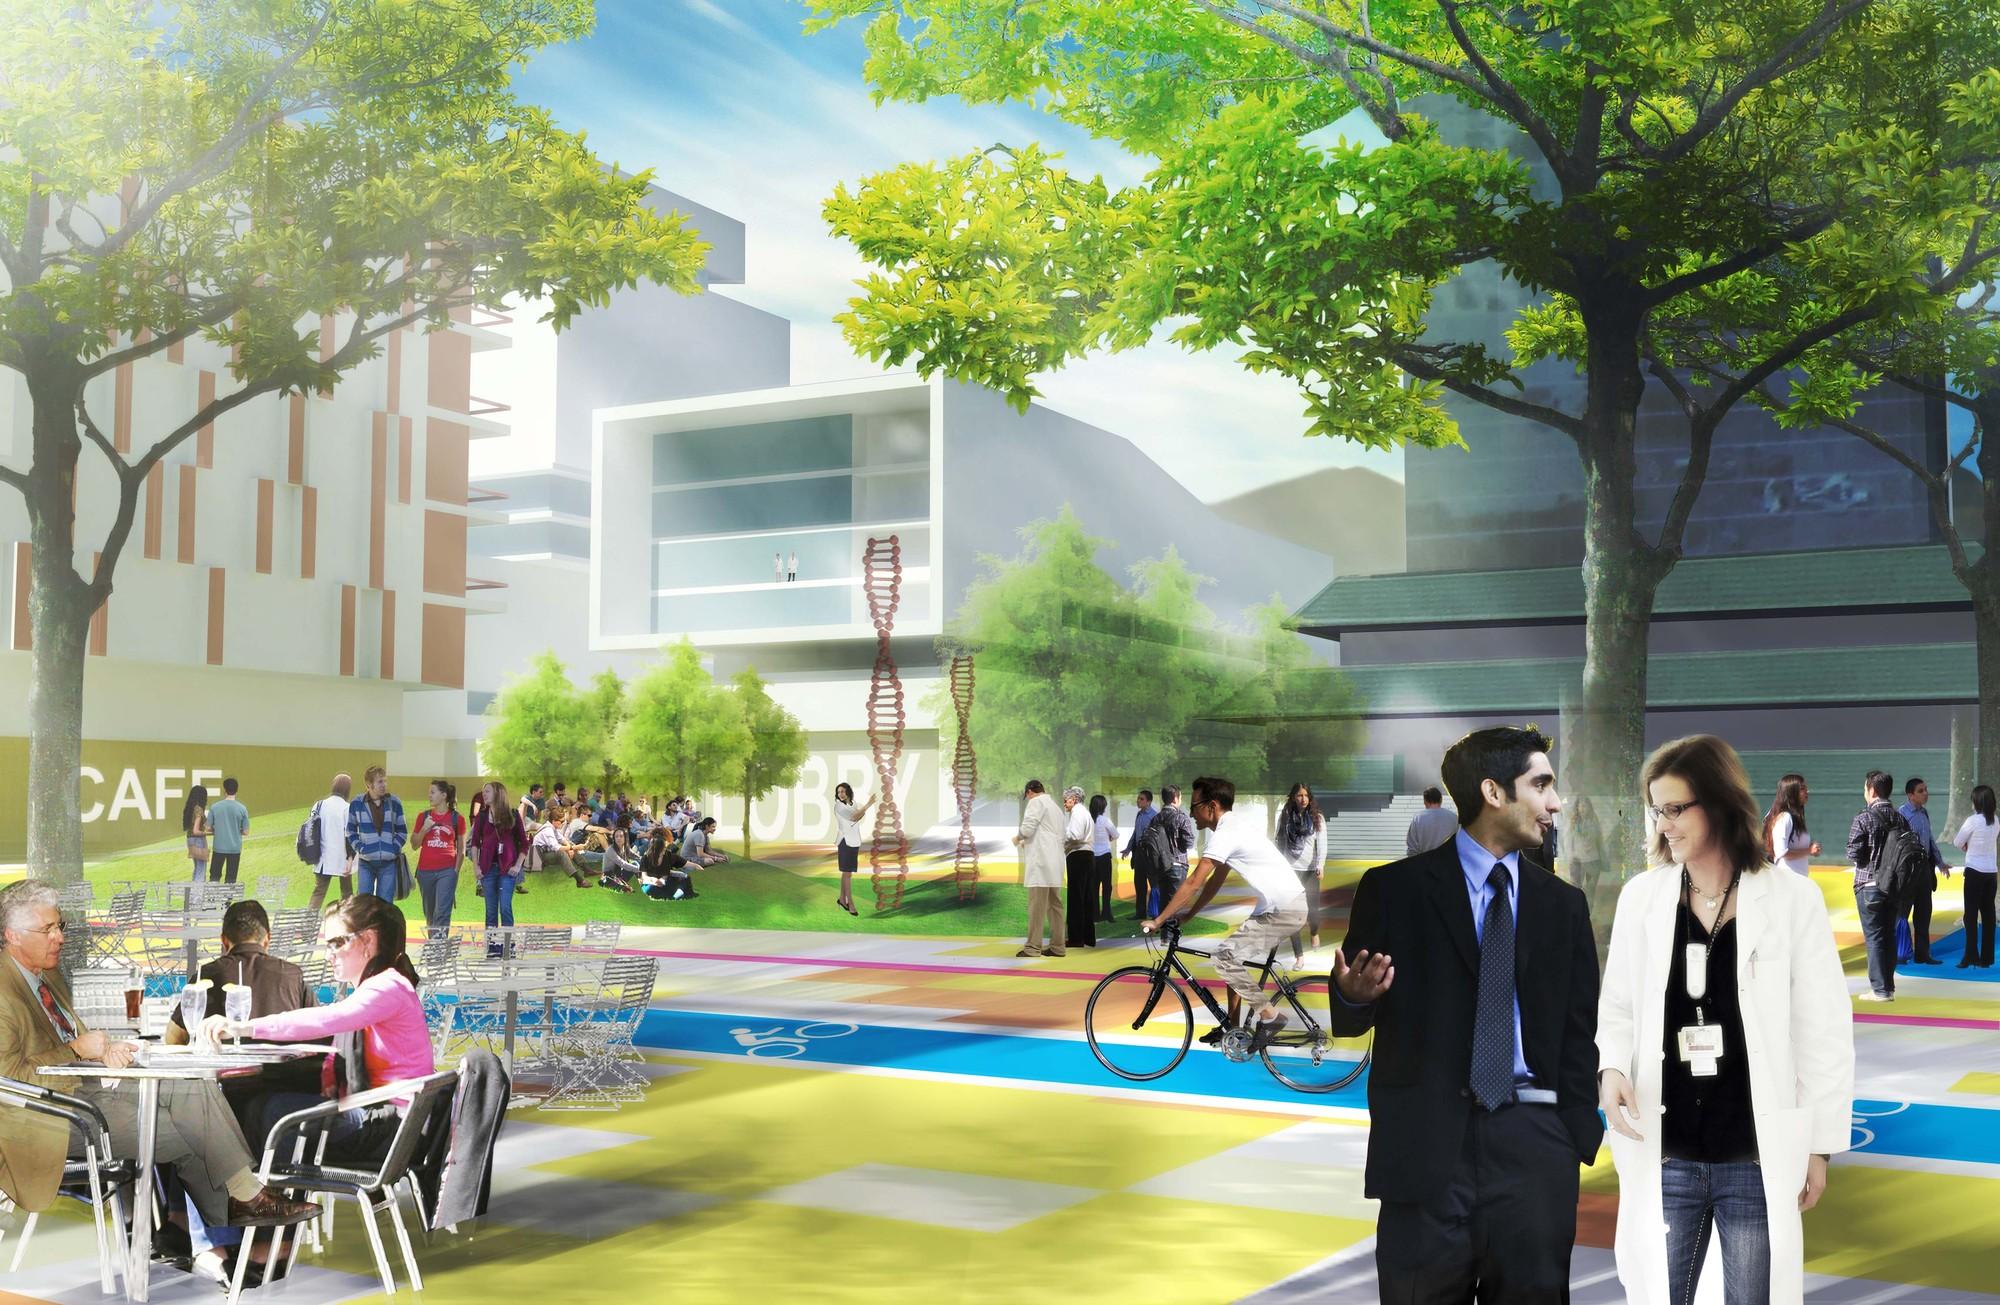 Nodo Investigación. Image Courtesy of Centro de Prensa del Tecnológico de Monterrey